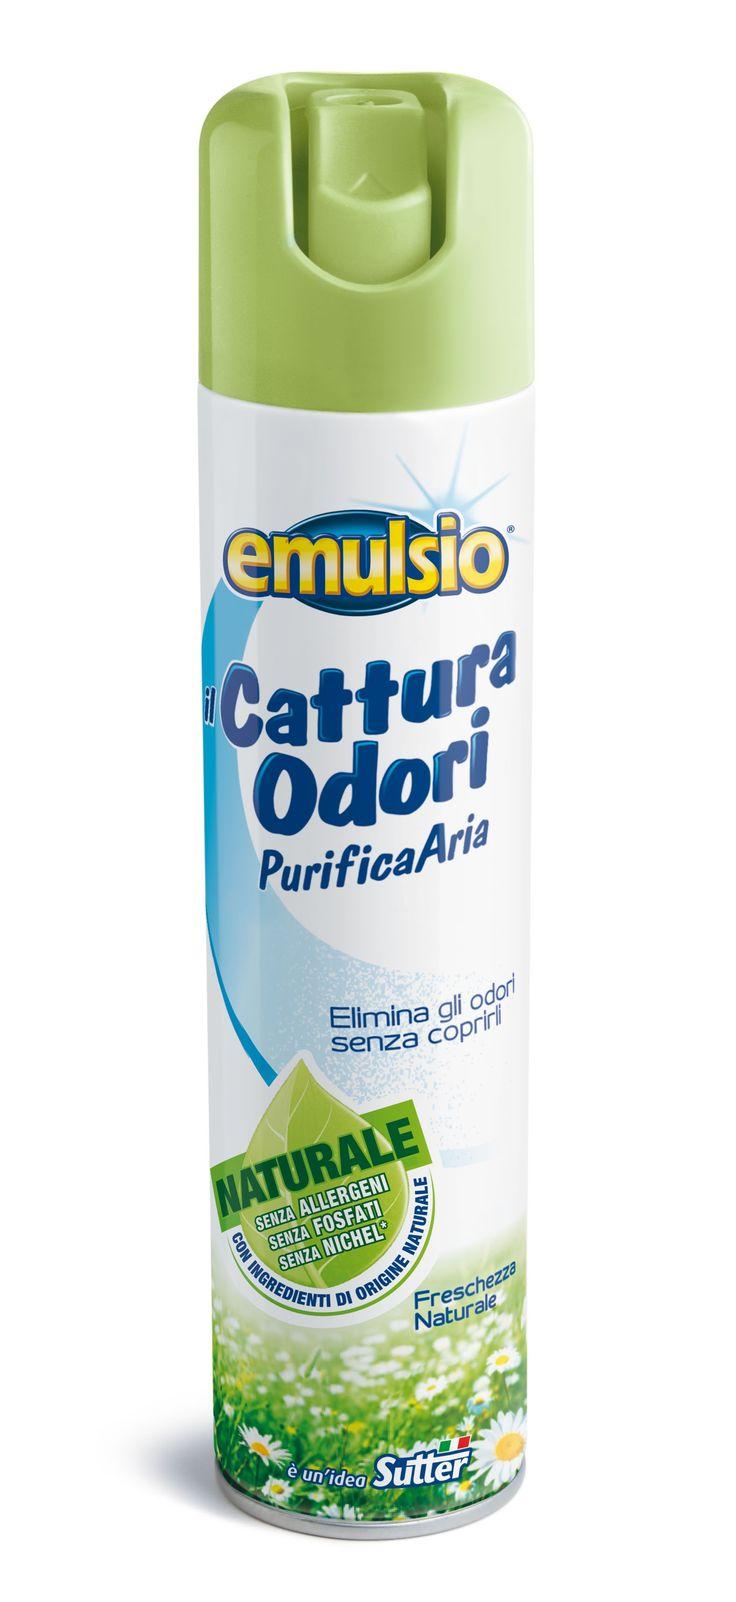 Emulsio ilCatturaOdori spray neutralizza tutti i cattivi odori di casa senza coprirli. La speciale tecnologia agisce direttamente sui cattivi odori presenti nell'aria come quelli di fumo, fritto, bagno e animali domestici. La sua fragranza Freschezza Naturale inoltre profumo delicatamente l'ambiente senza infastidire.